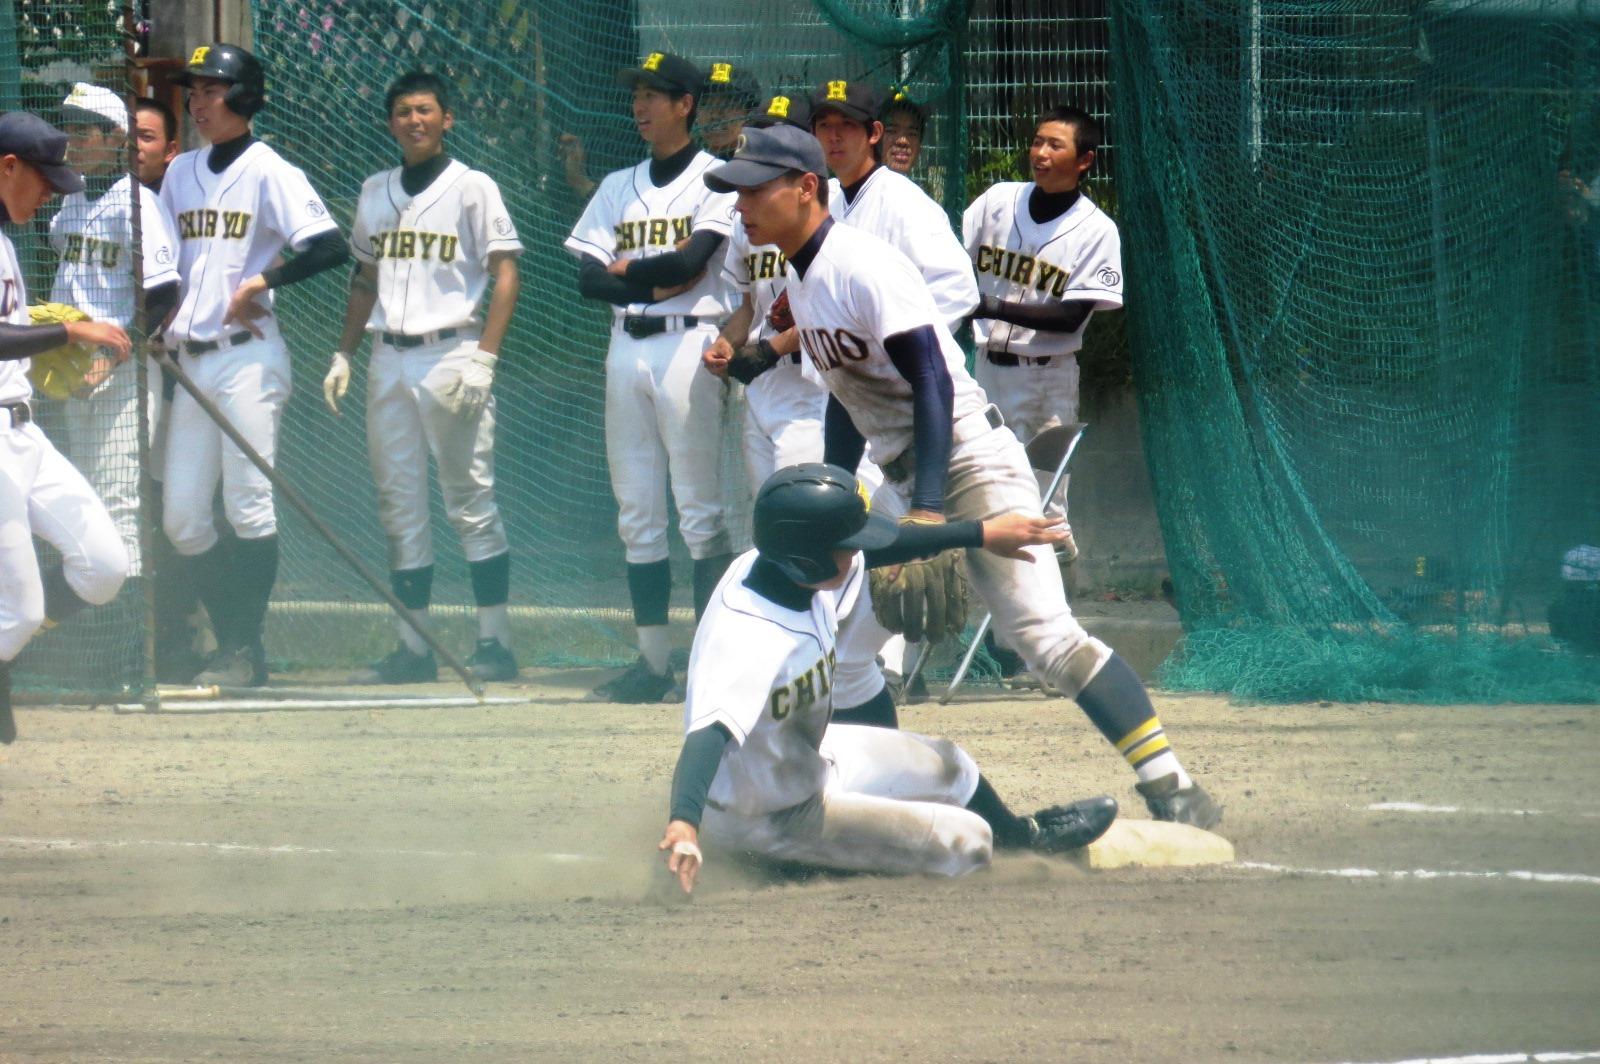 愛知県野球情報掲示板 - したらば